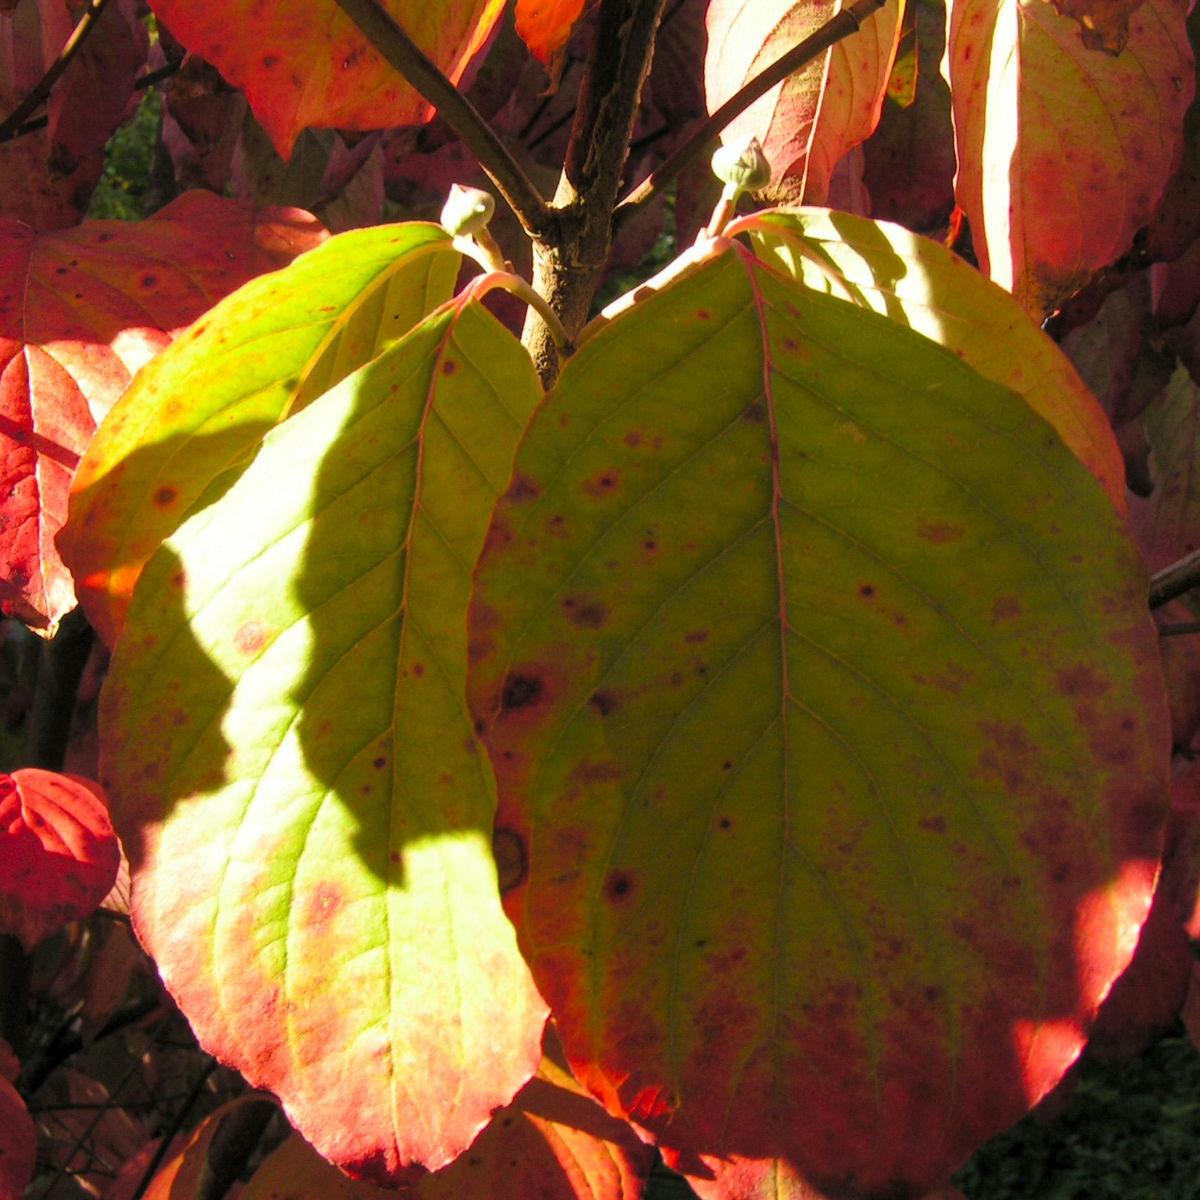 Blumen Hartriegel Strauch Herbst Blatt rot Cornus florida